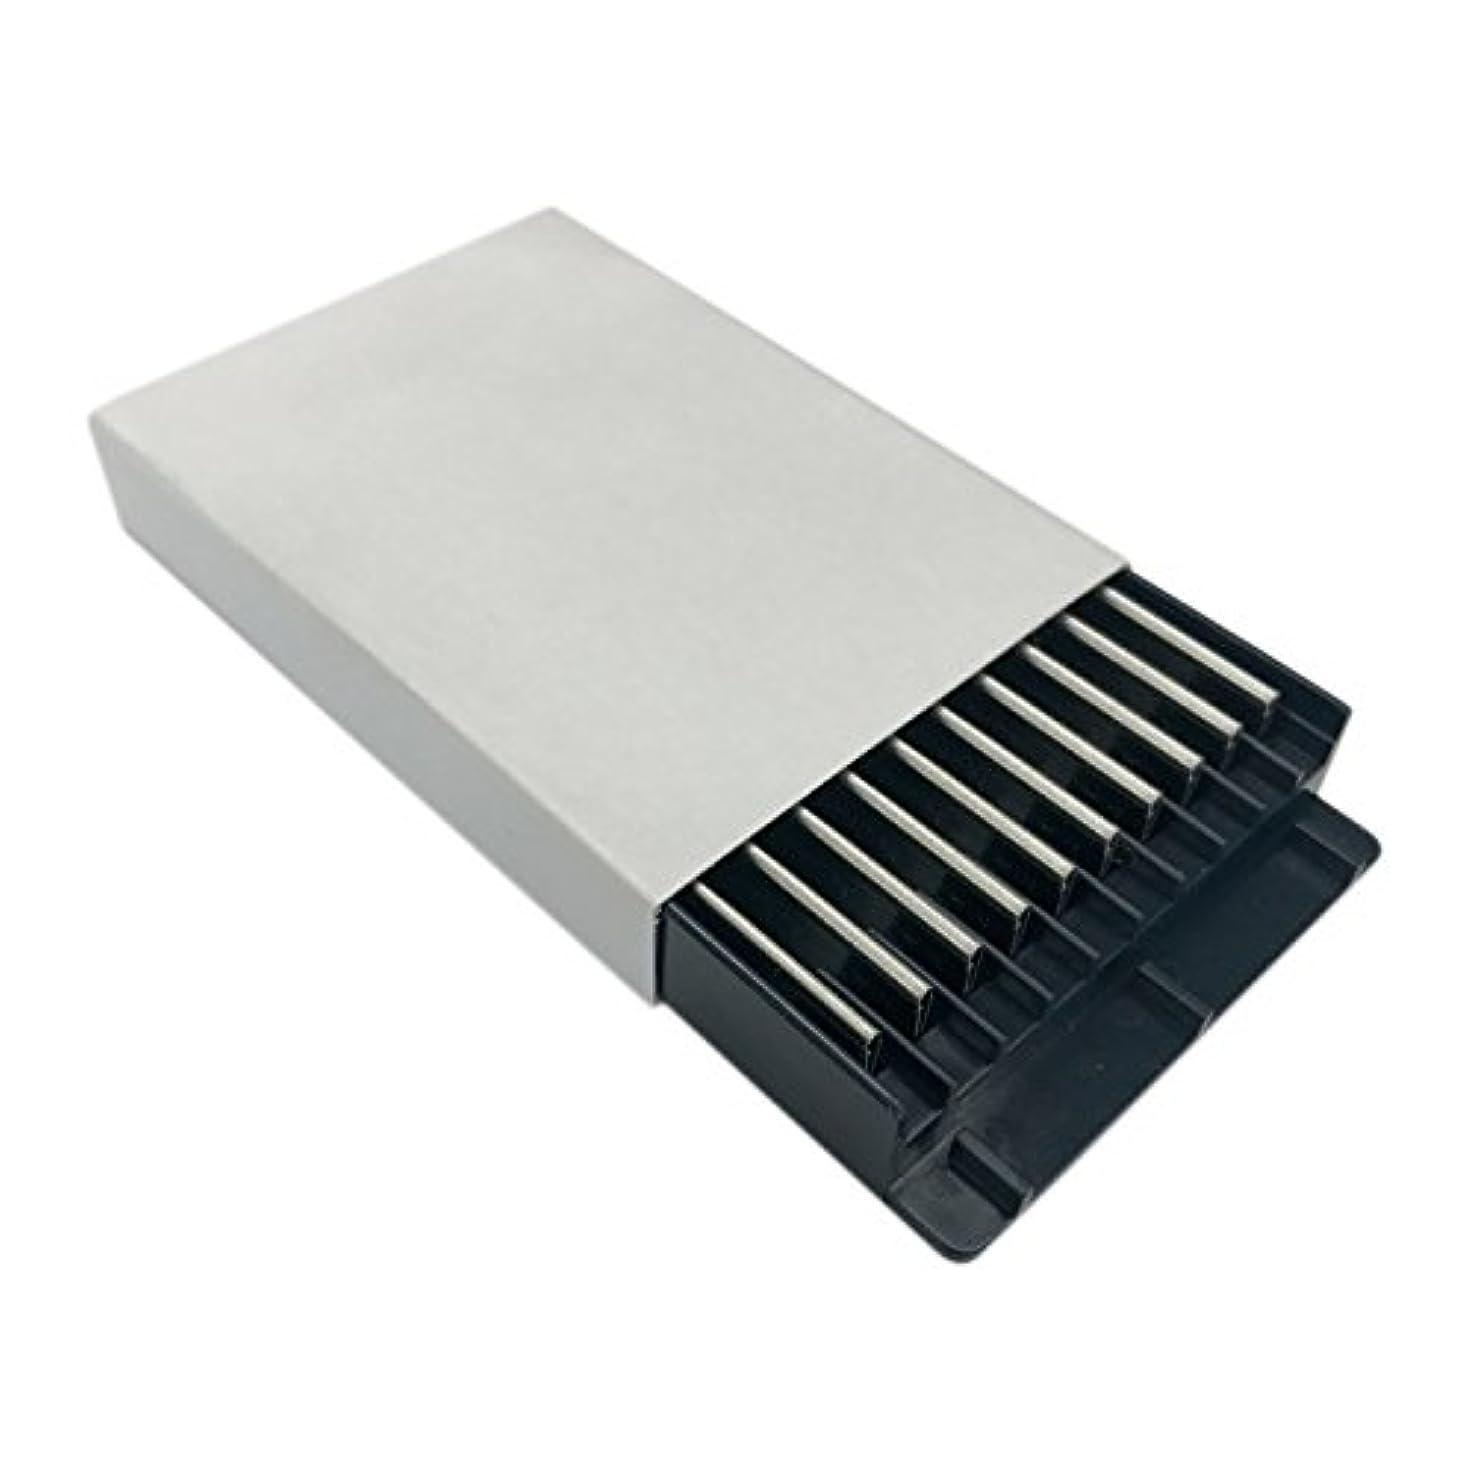 フローティング遺体安置所チョップ替刃 フィールスタイリングレザー用(セニングブレード)10枚入り